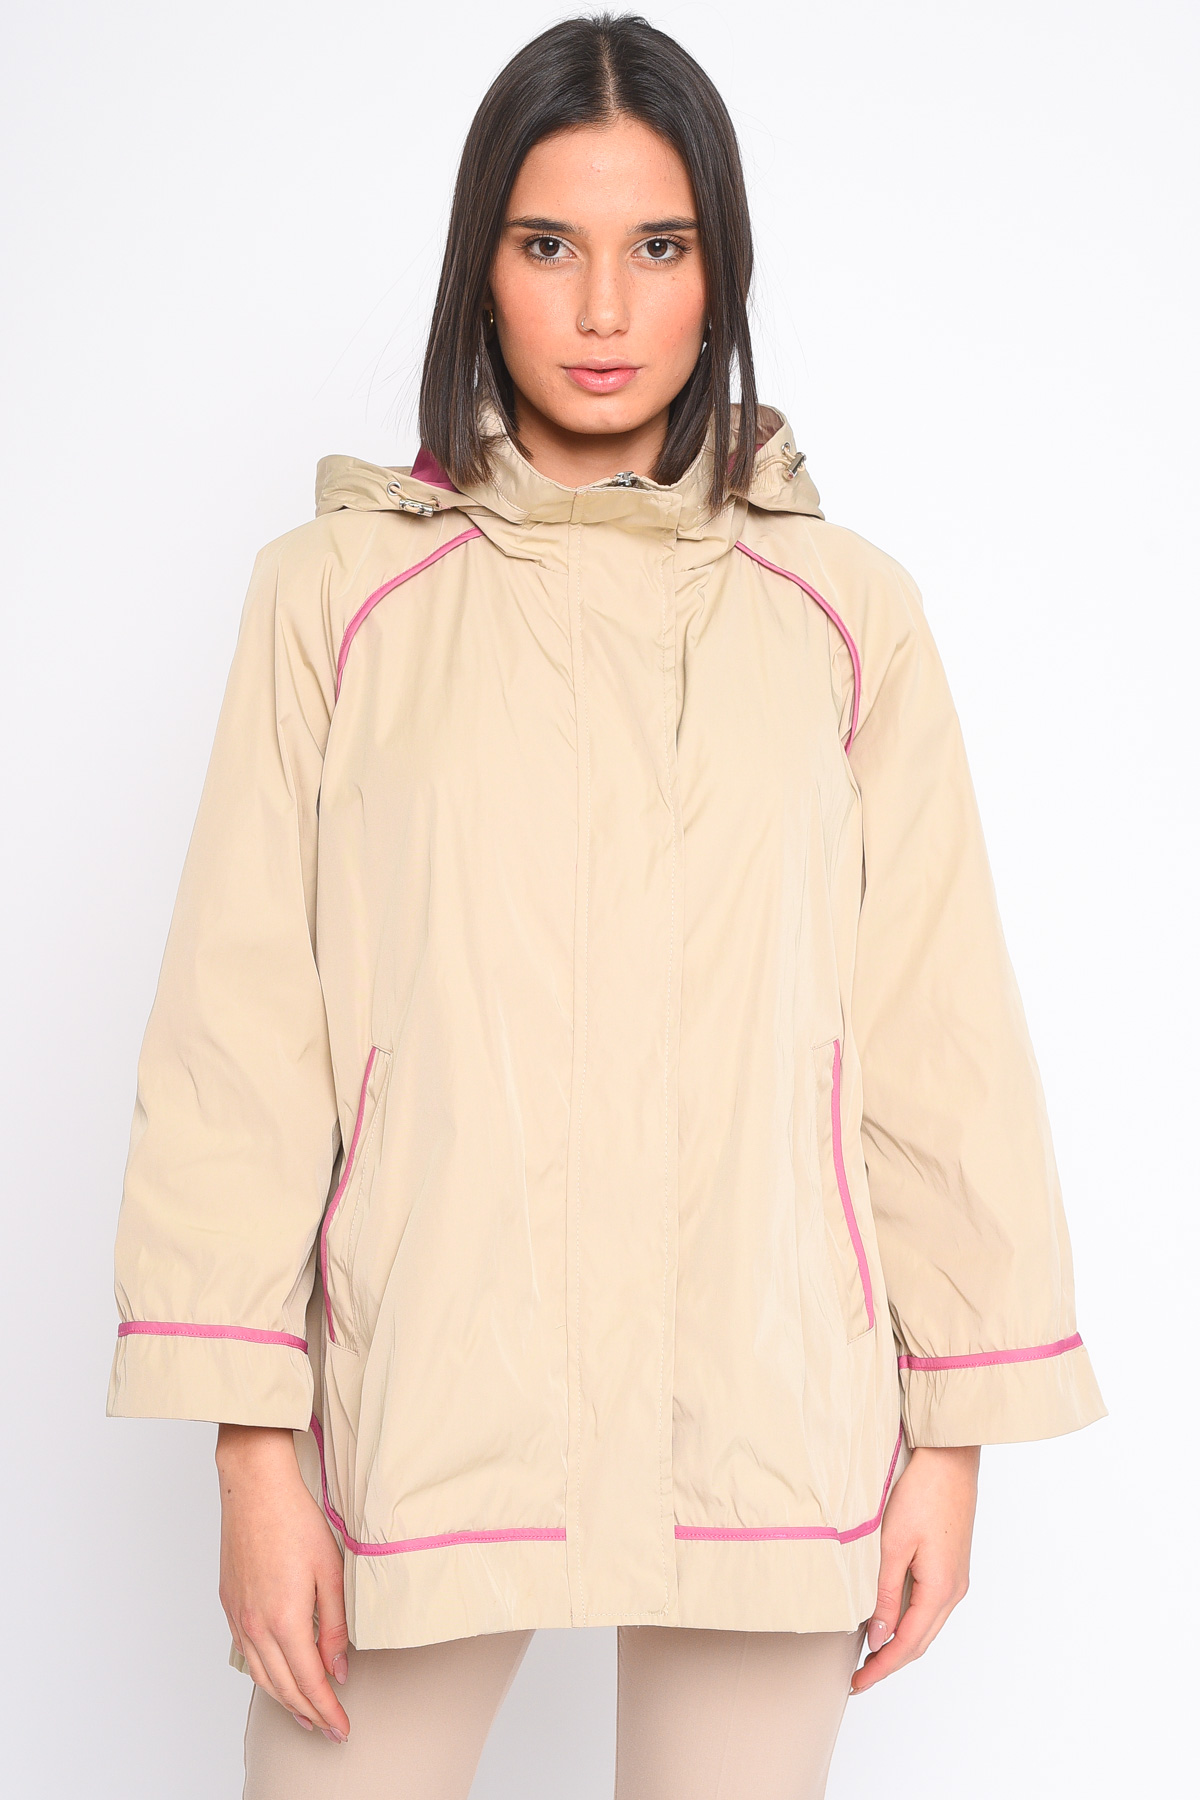 GIACCA PROFILATA CON CAPPUCCIO  da donna - BEIGE - Paquito Pronto Moda Shop Online